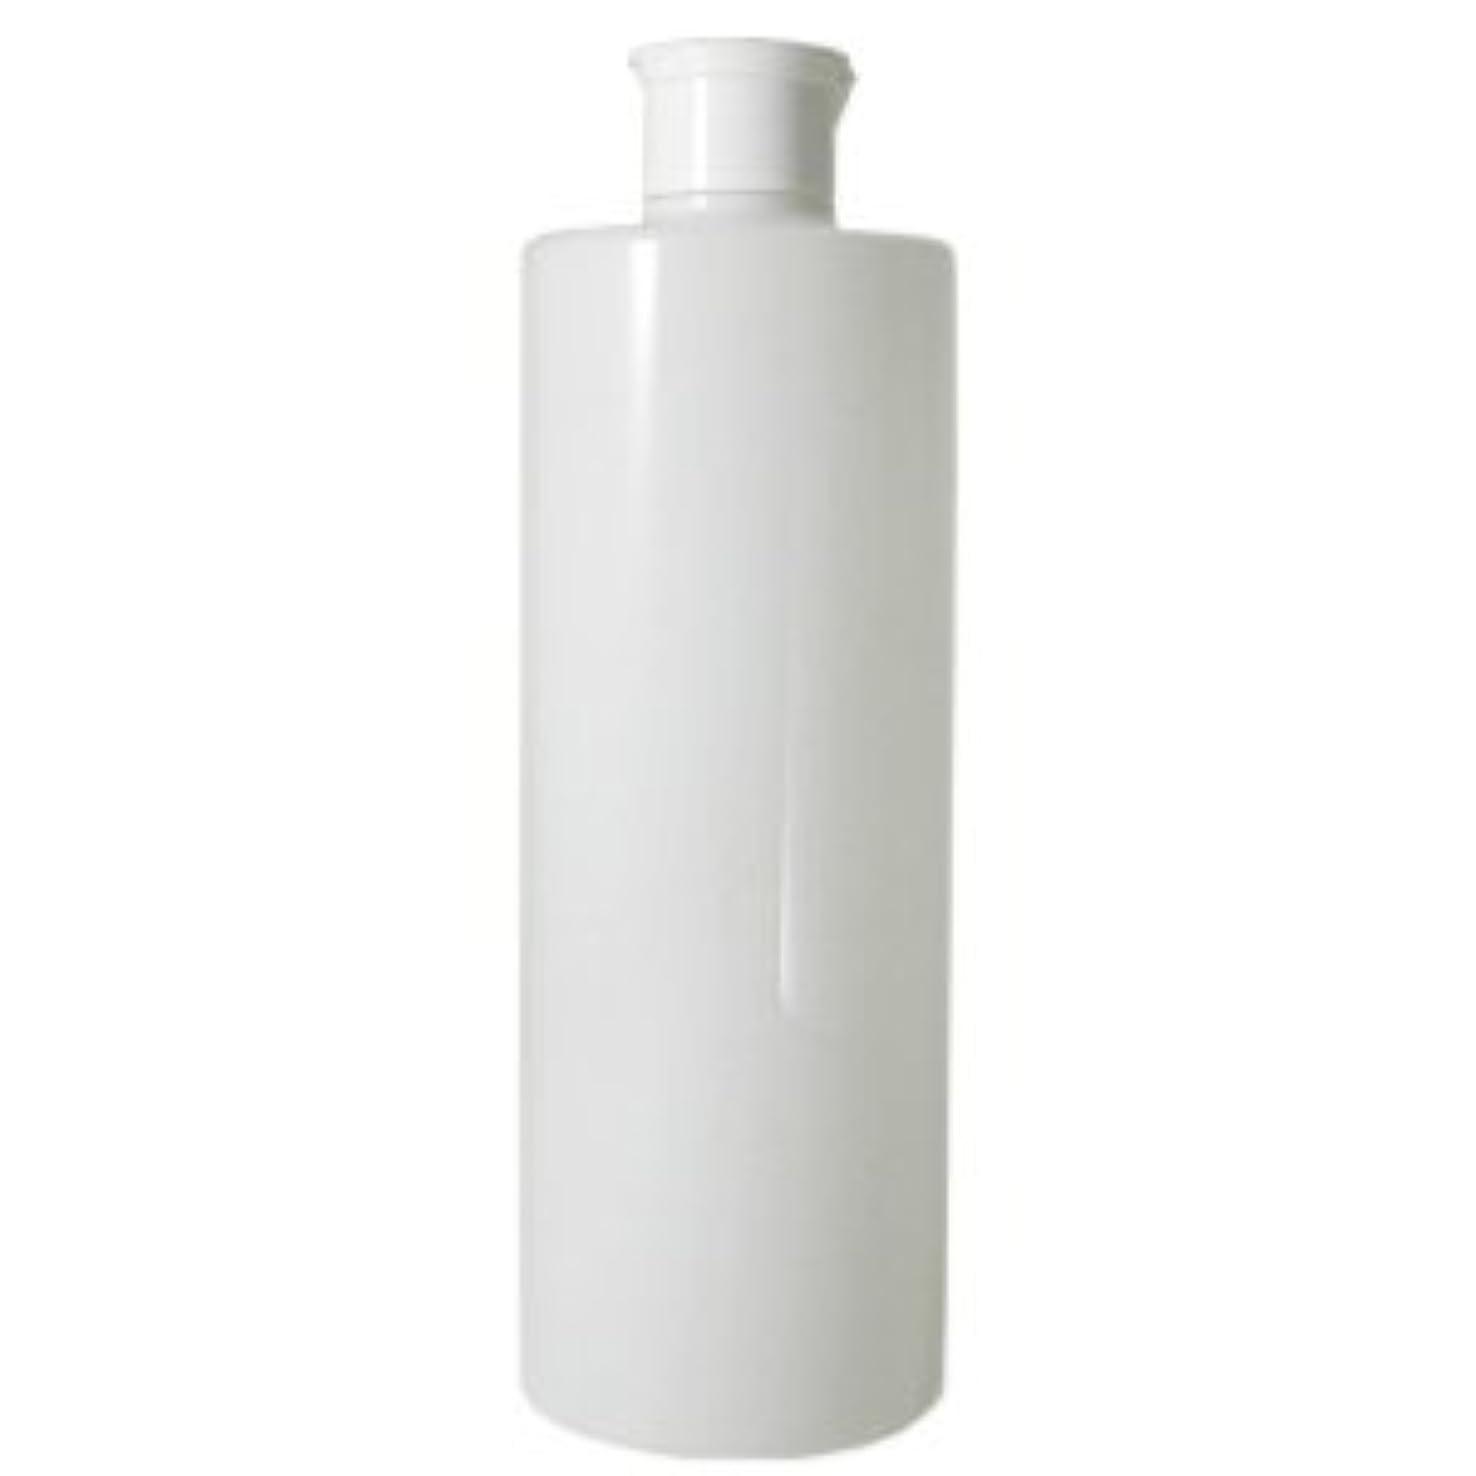 召集する聖職者ワーカーワンタッチキャップ 乳白半透明容器 500ml